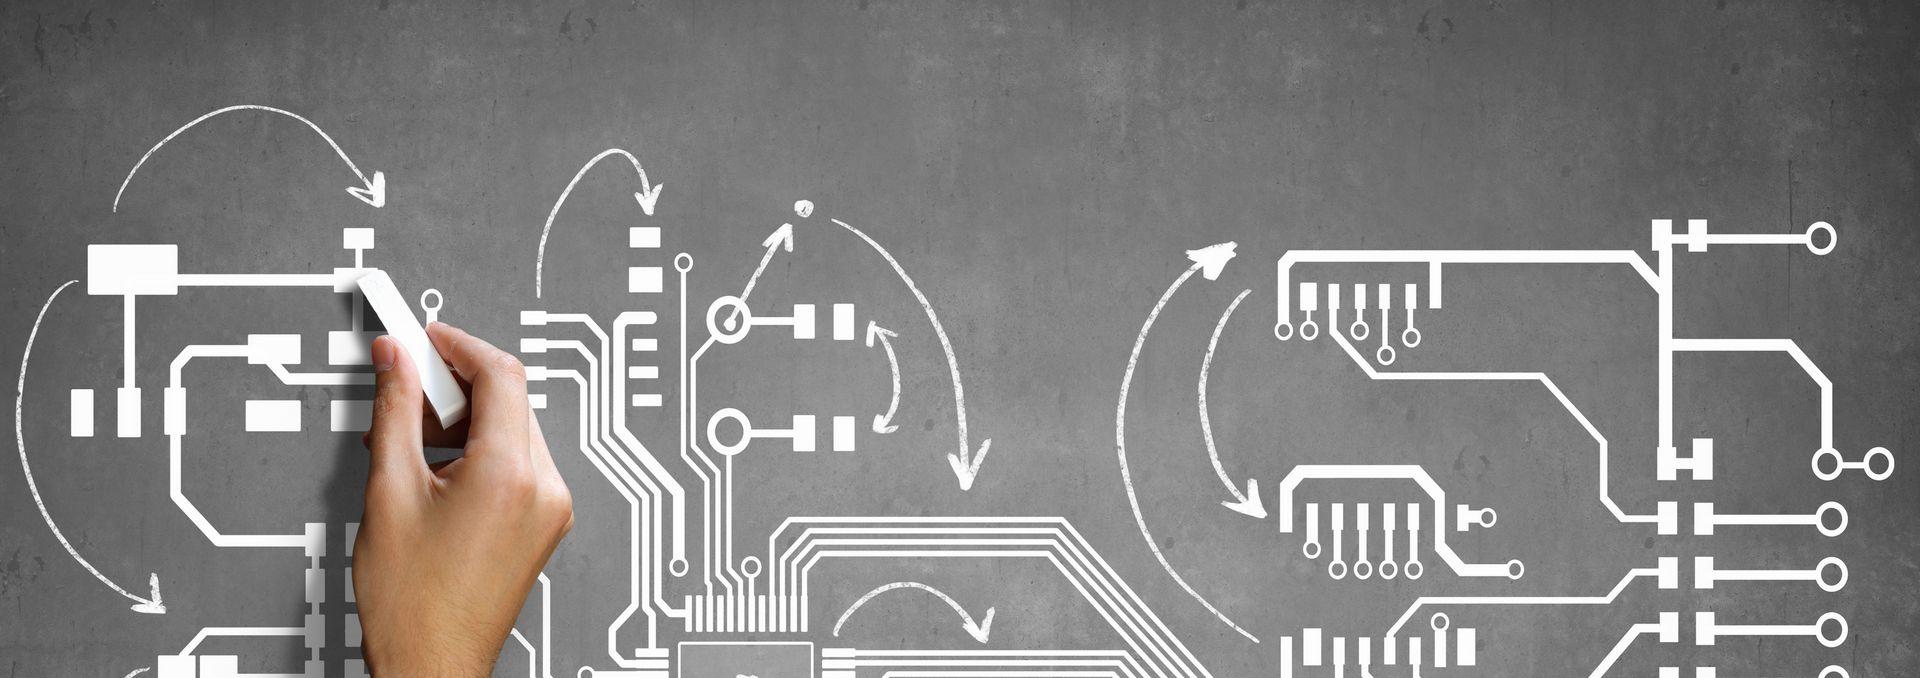 Разработка электронных приборов, микроэлектронных интегральных схем и сложных функциональных (IP) блоков